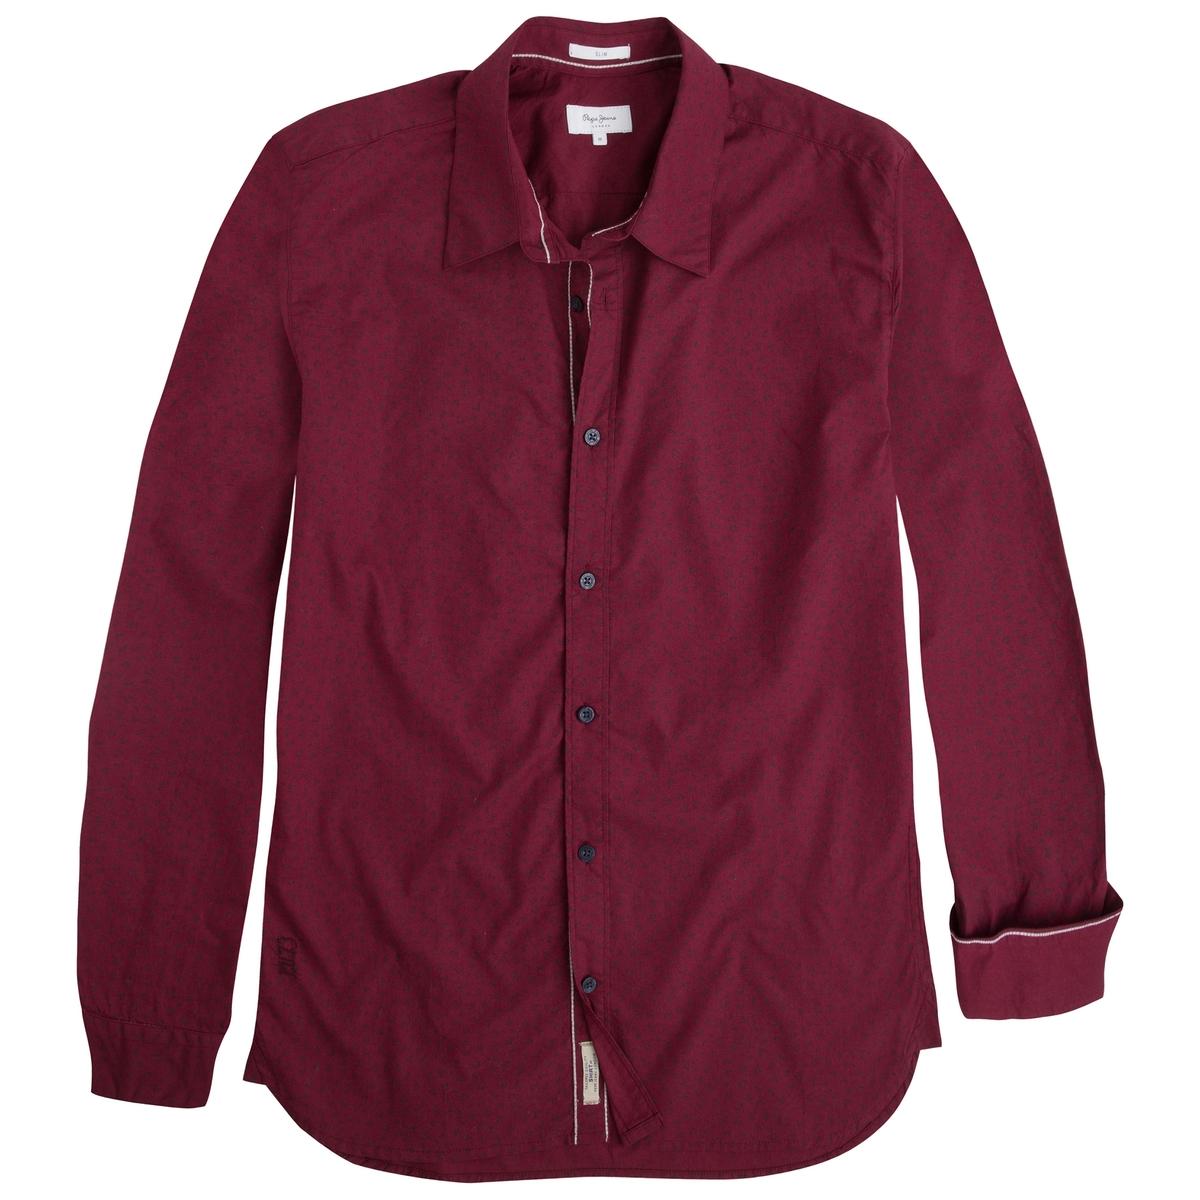 Рубашка с рисункомРубашка с длинными рукавами -  PEPE JEANS с мелким рисунком. Прямой покрой и классический воротник со свободными кончиками. Края рукавов и застежка на пуговицах . Слегка закругленный низ. Логотип на кармане.Состав и описаниеМатериал : 100% хлопкаМарка : PEPE JEANS<br><br>Цвет: бордовый<br>Размер: S